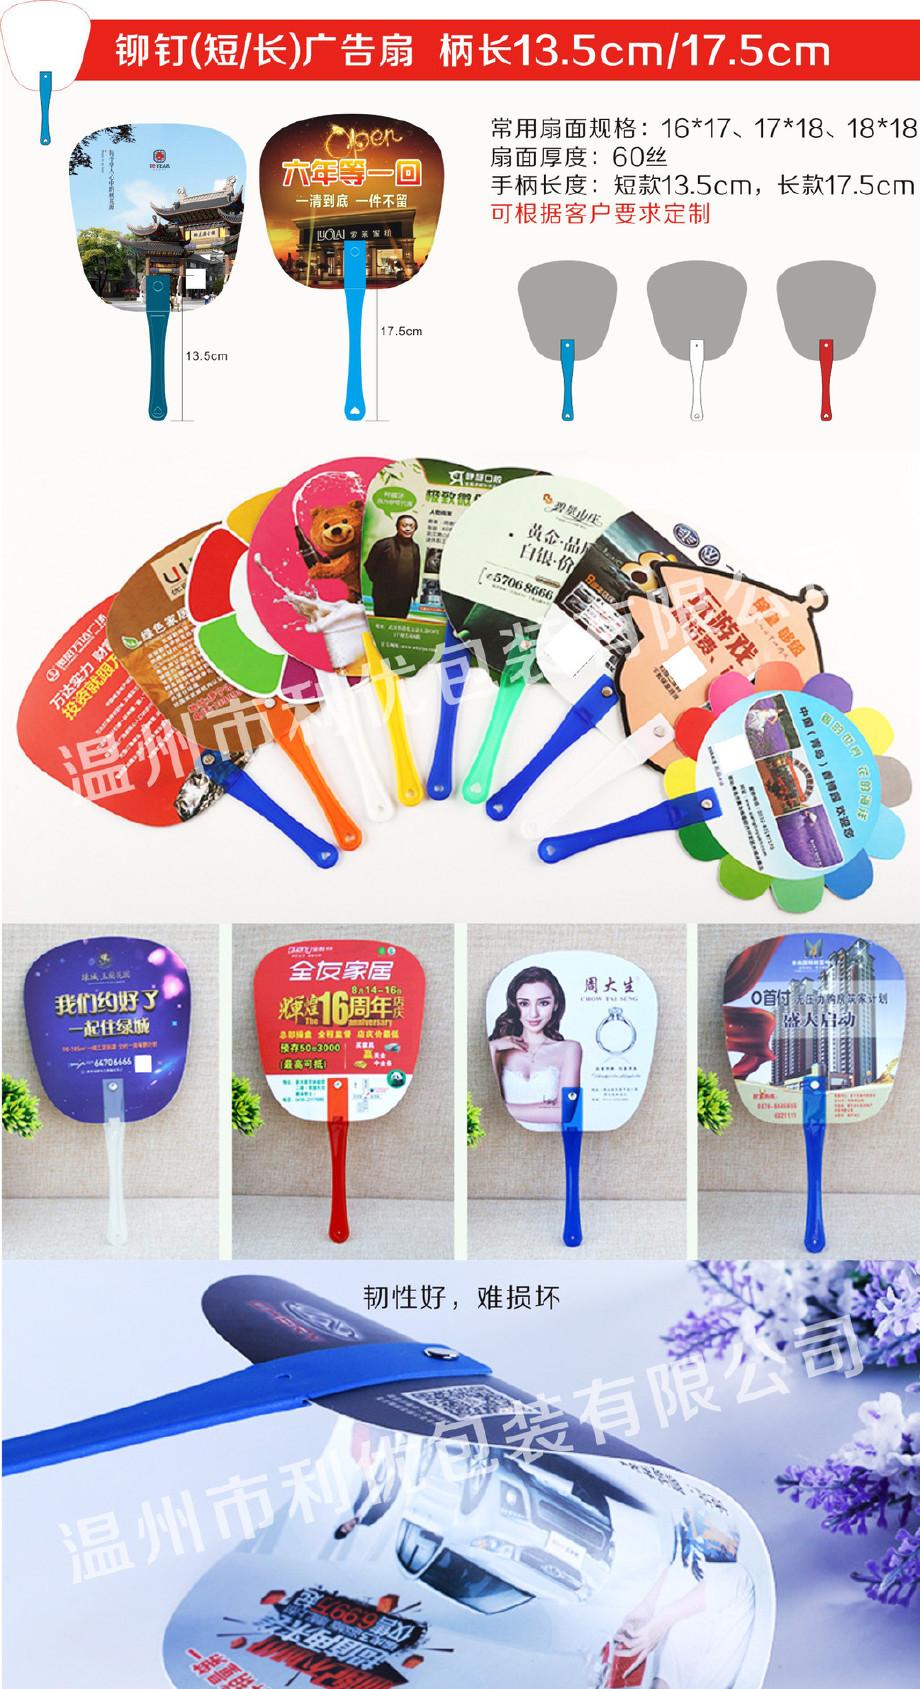 热卖 新款广告扇定做塑料pp宣传扇子定制折扇订做O型扇订制1000起示例图9